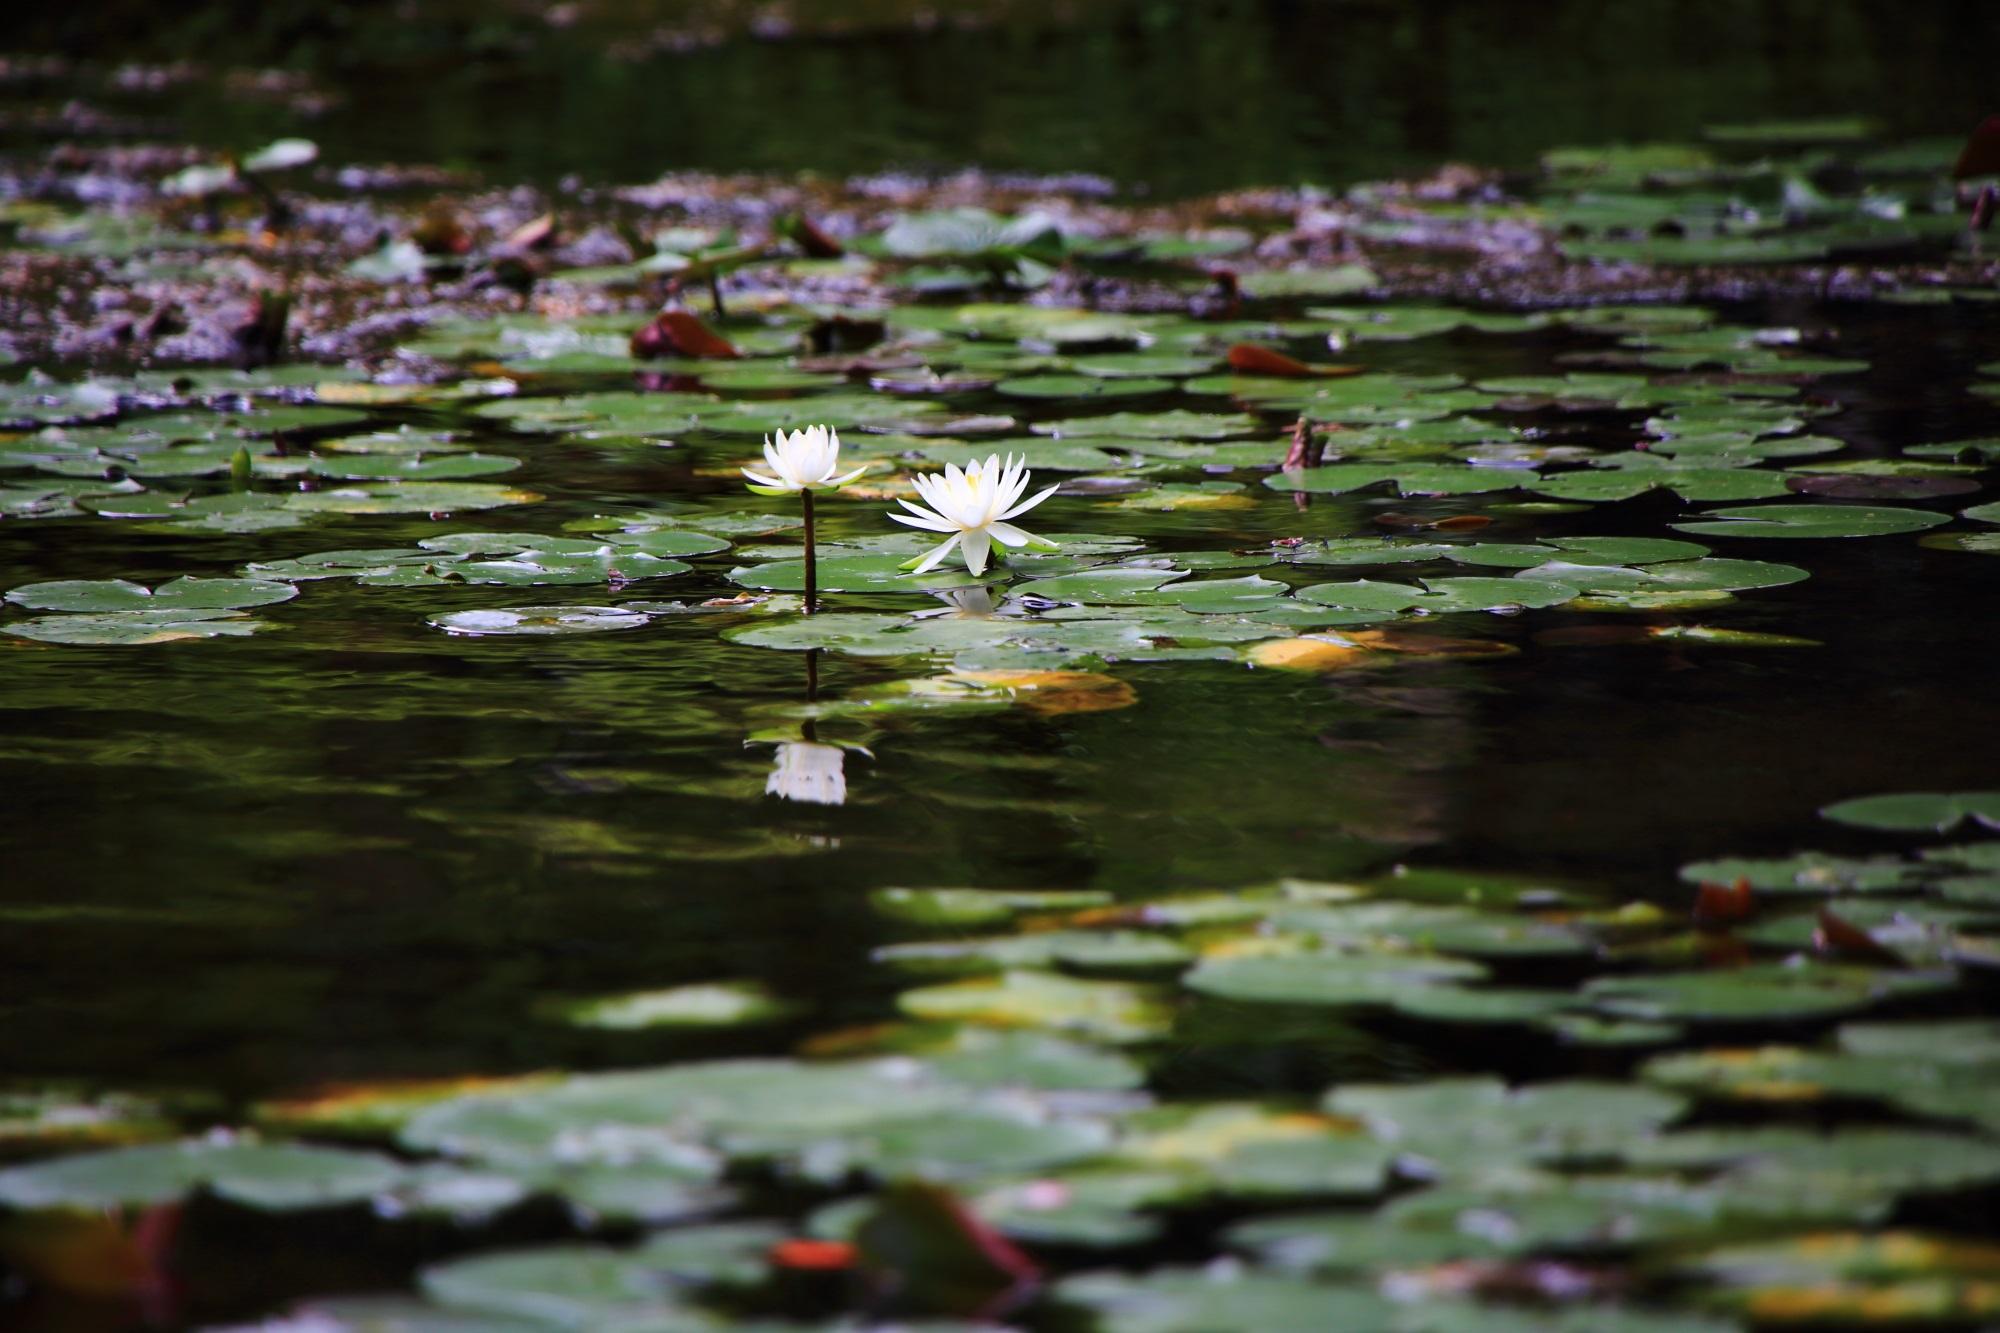 南禅寺大寧軒の池と睡蓮